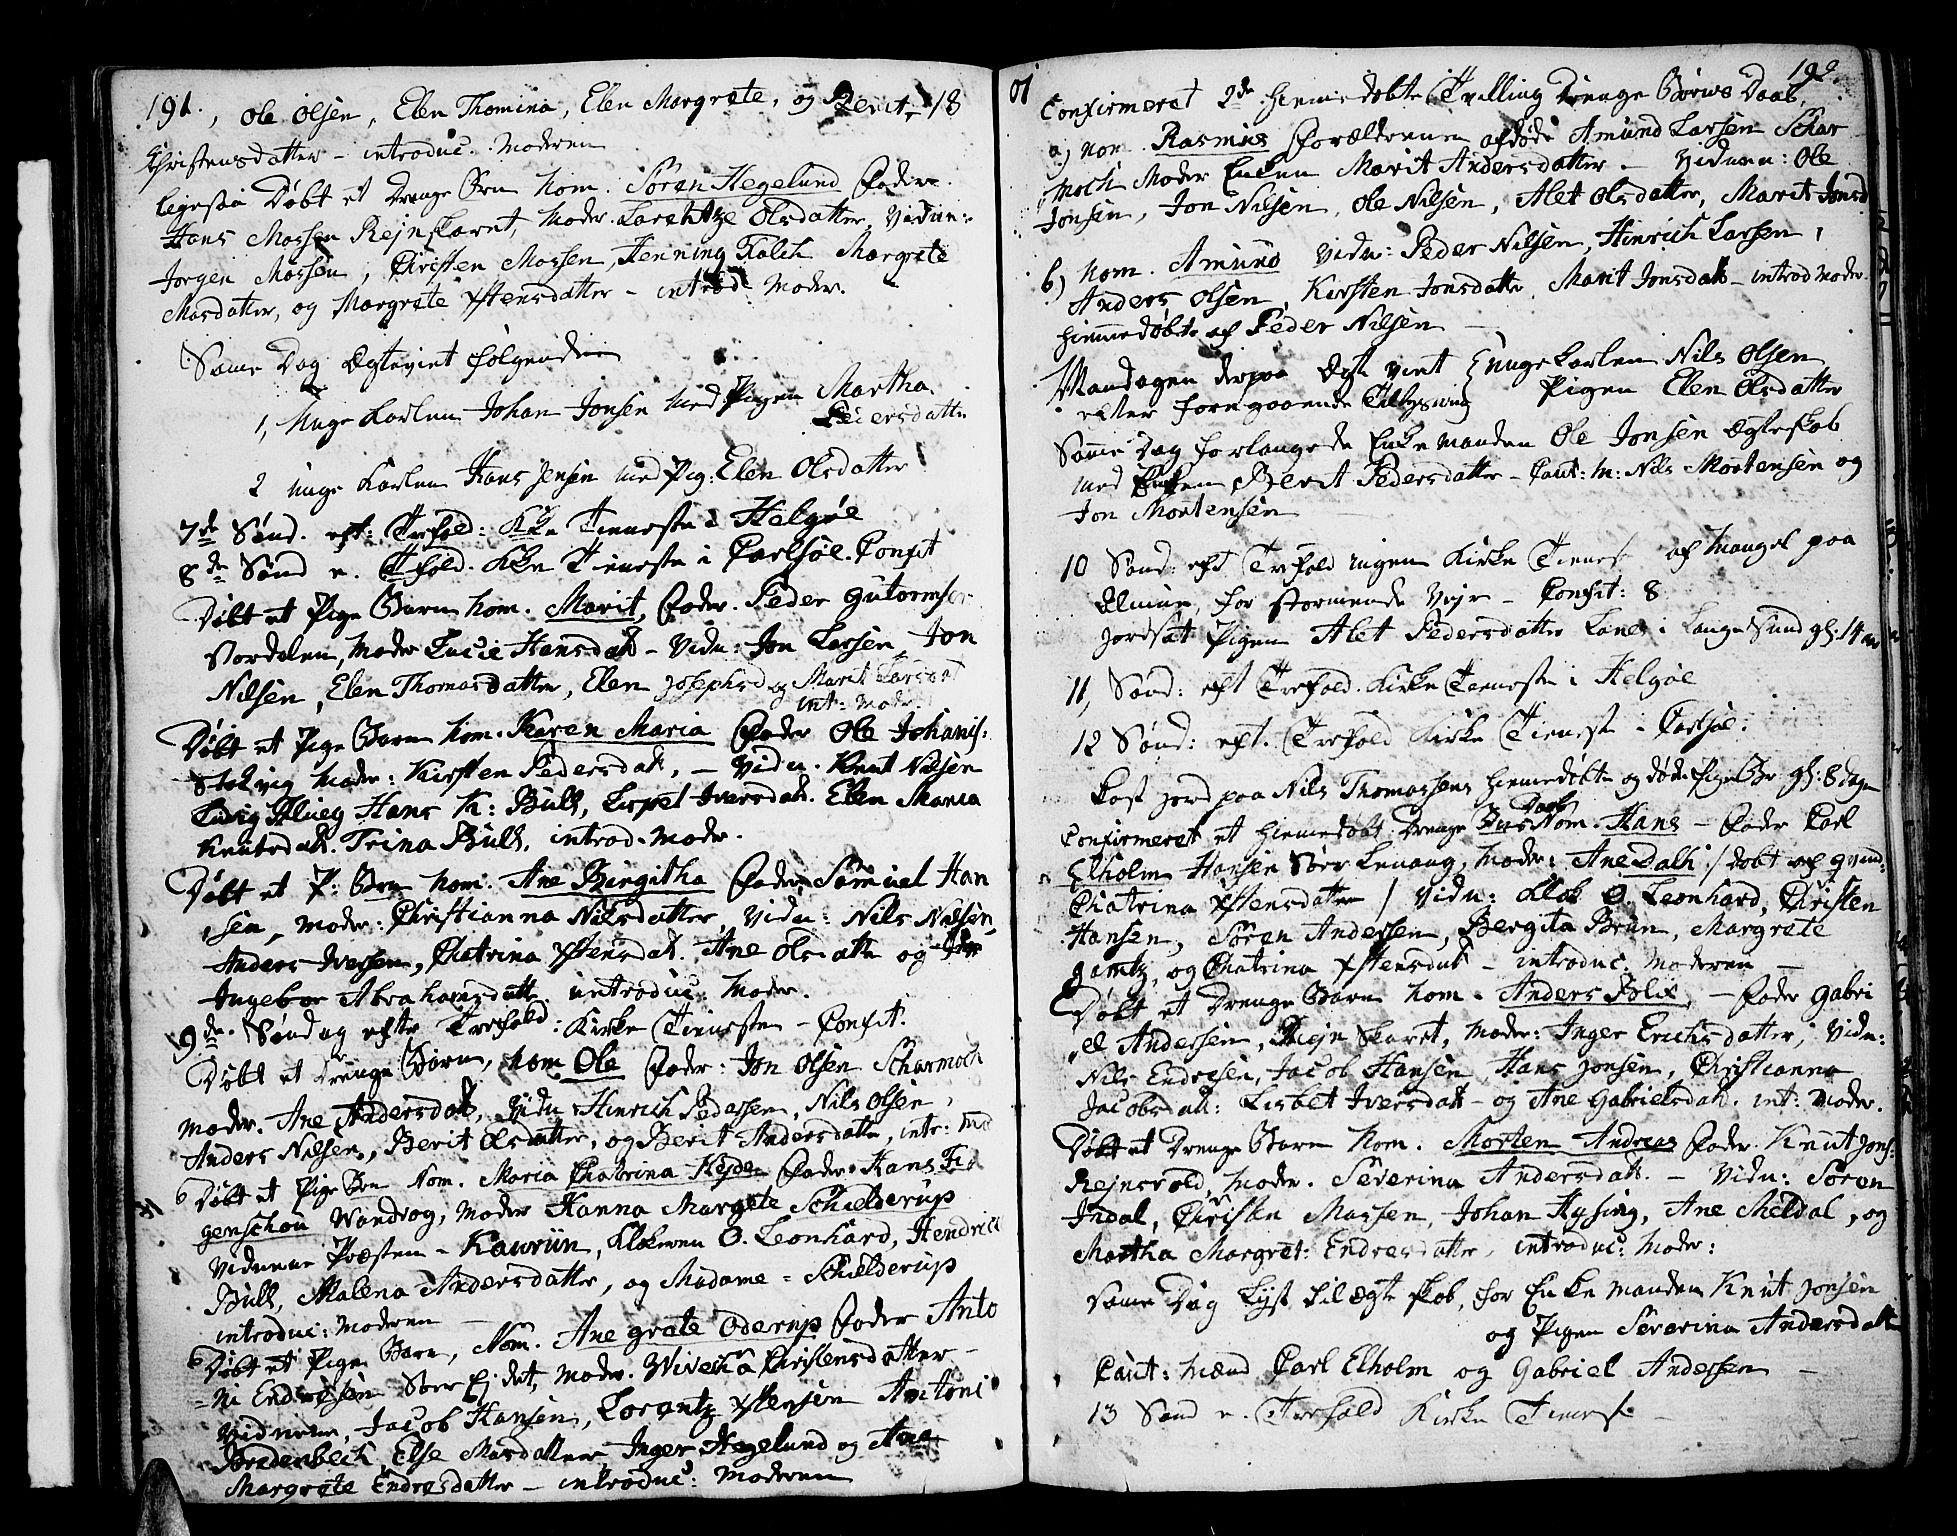 SATØ, Karlsøy sokneprestembete, Ministerialbok nr. 1, 1775-1823, s. 191-192